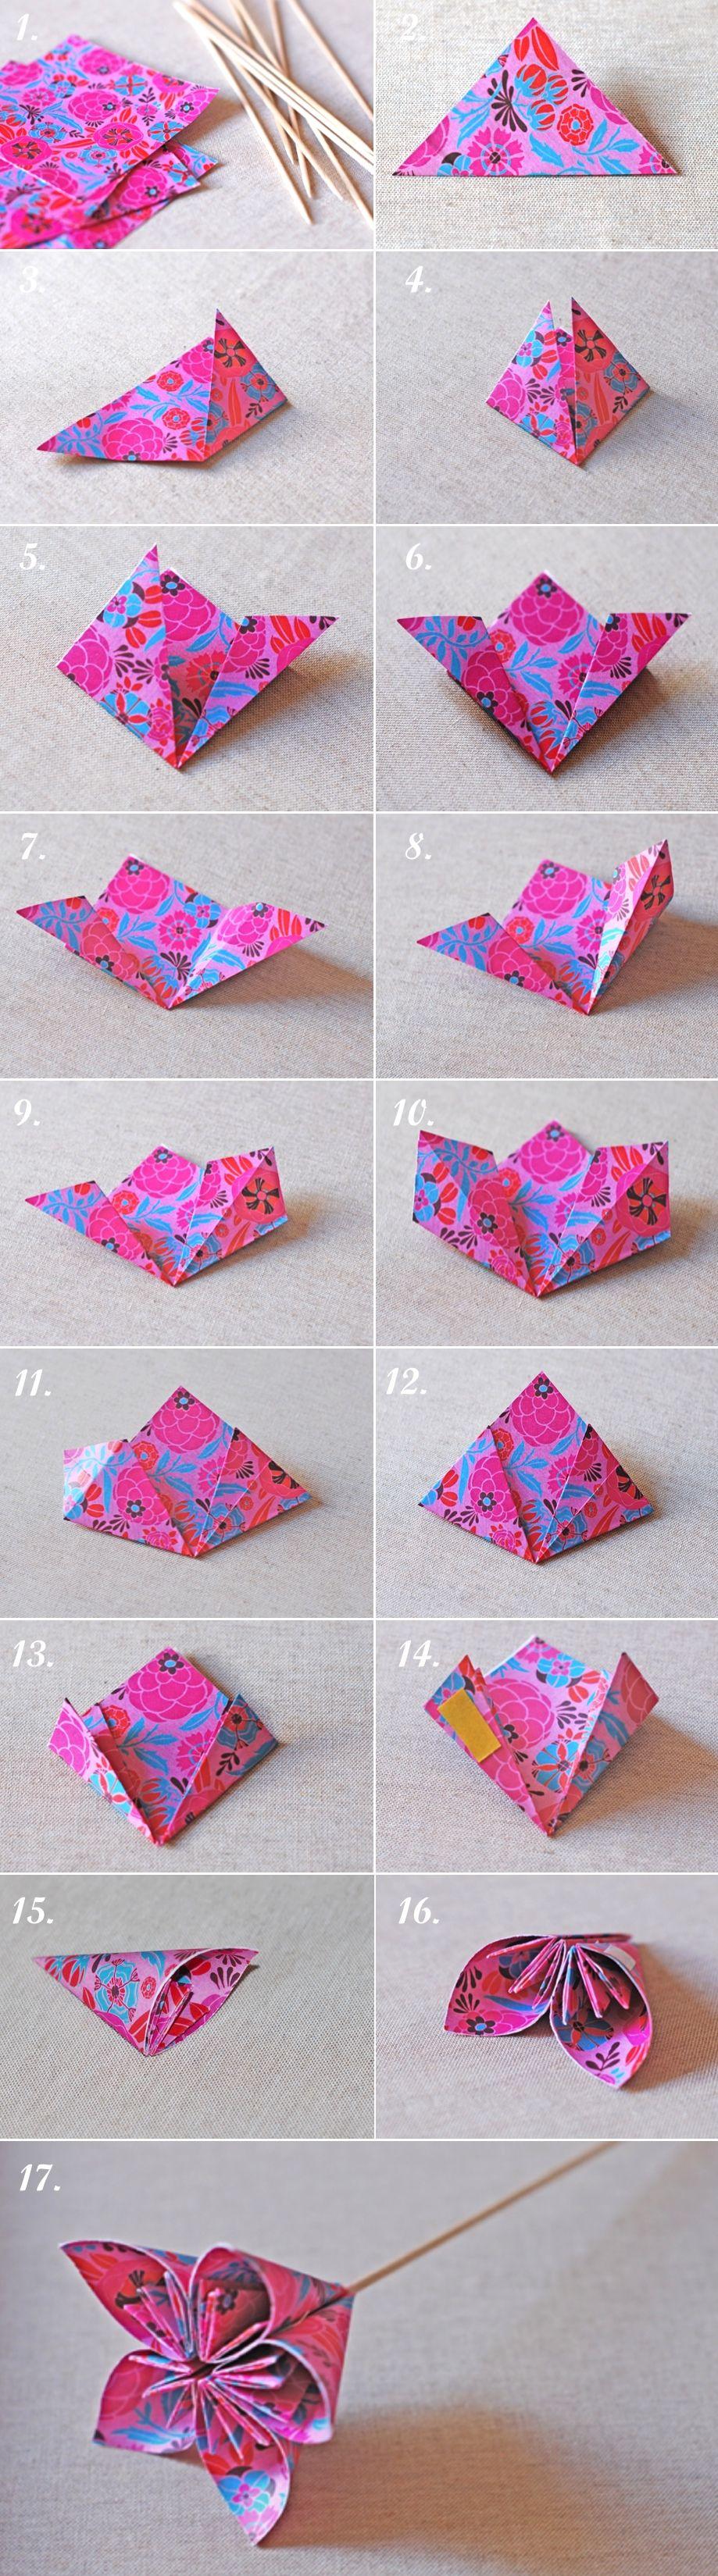 A Kiss Of Colour Diy Flores De Papel Paper Flowers Origami Kusudama